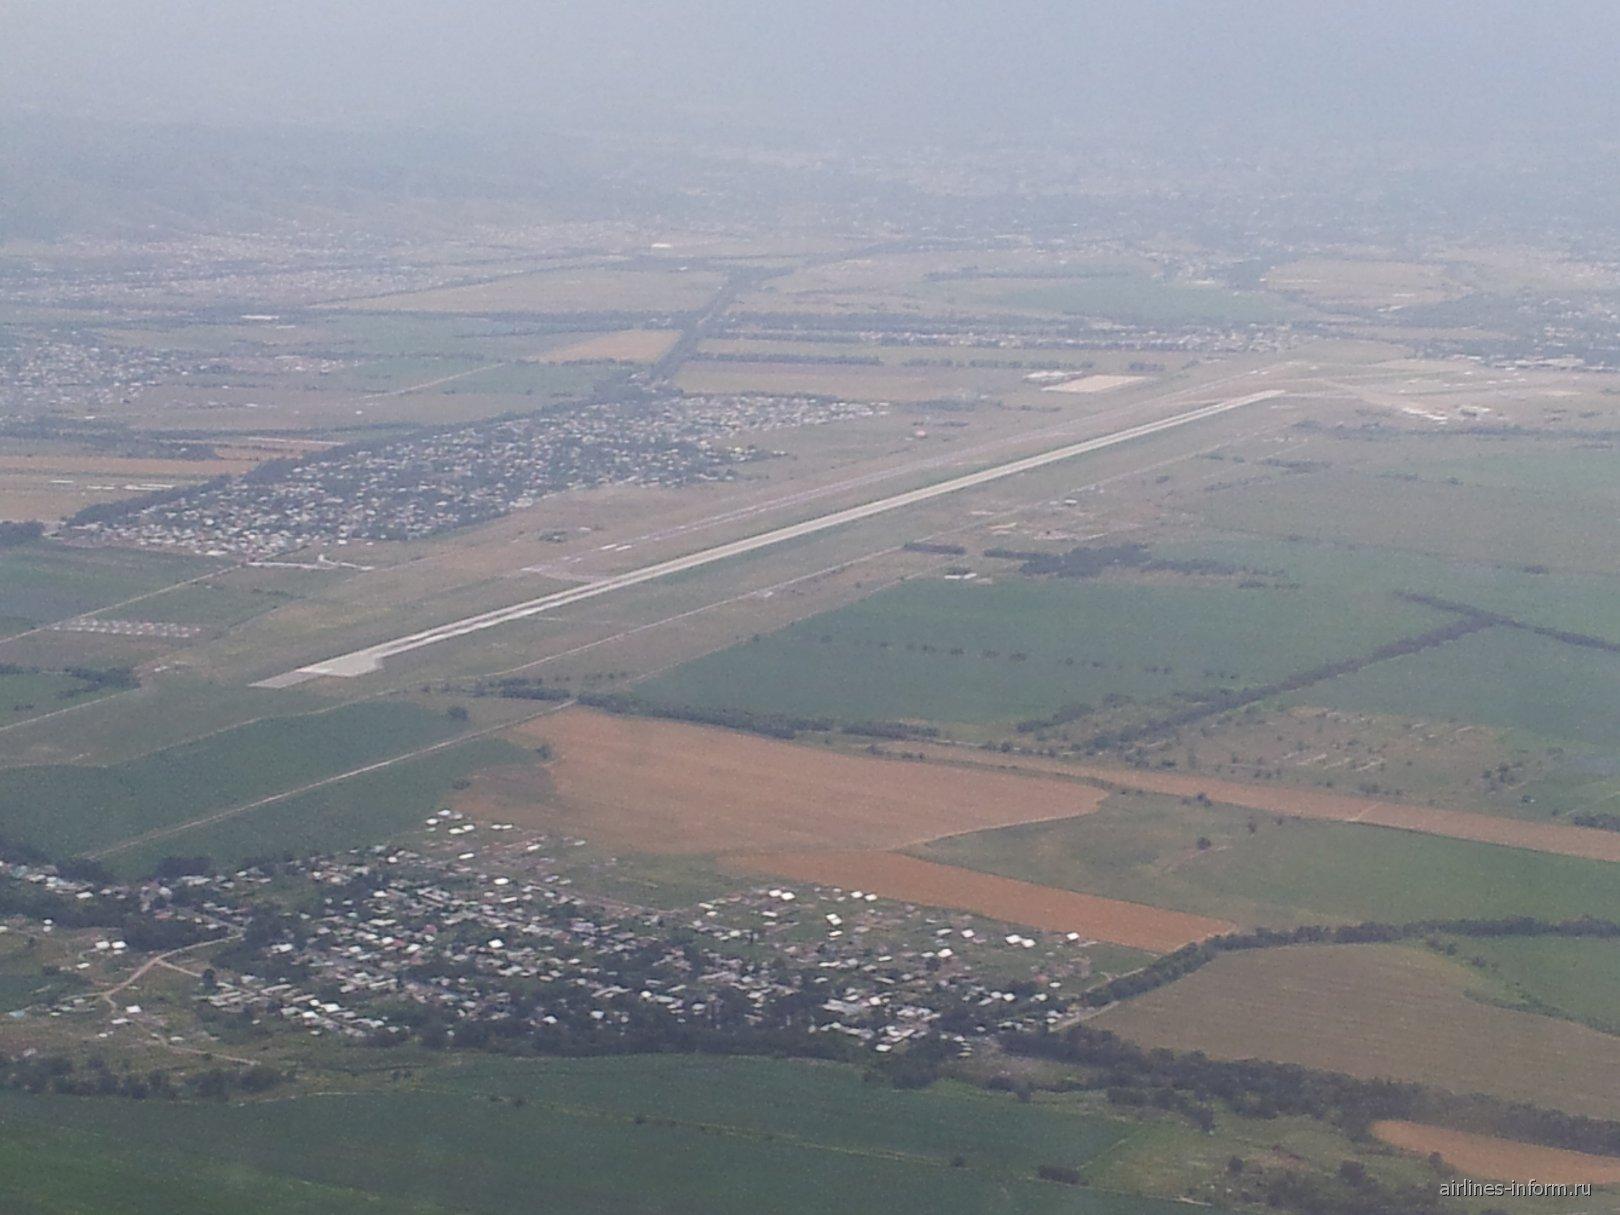 Взлетная полоса аэропорта Алматы